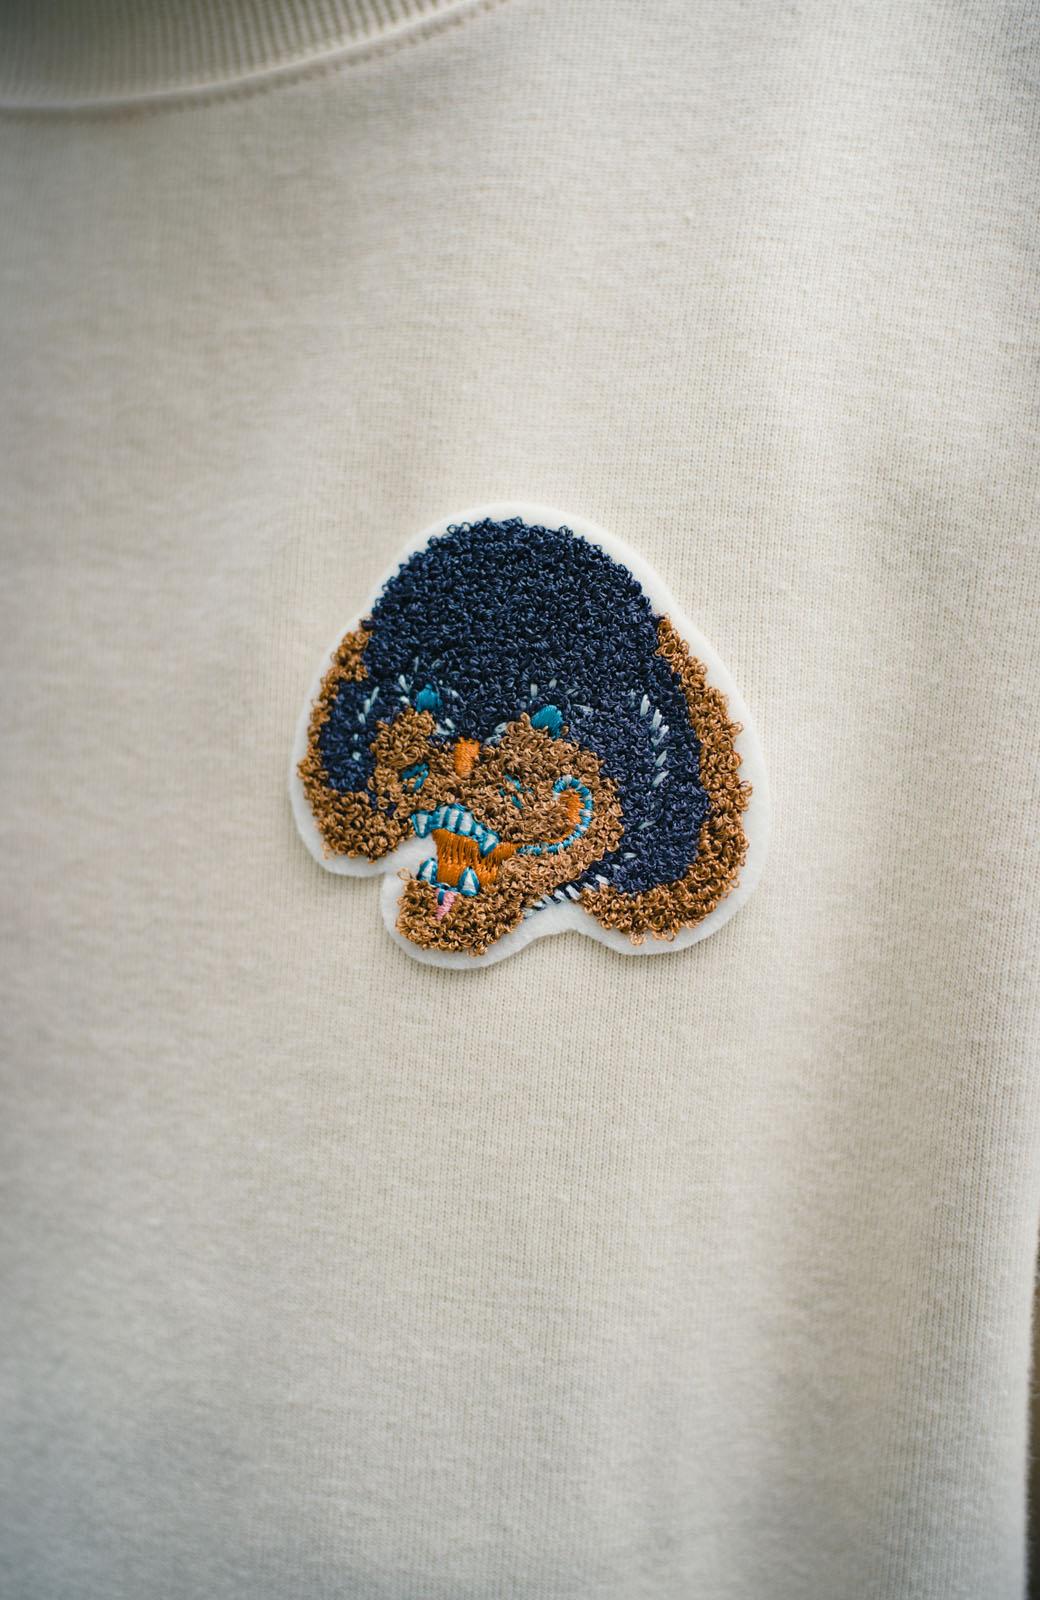 haco! haco! × RBTXCO何色がお好き?プードルちゃんのぷくぷく刺繍ワッペン付きスウェットプルオーバー <オフホワイト>の商品写真5